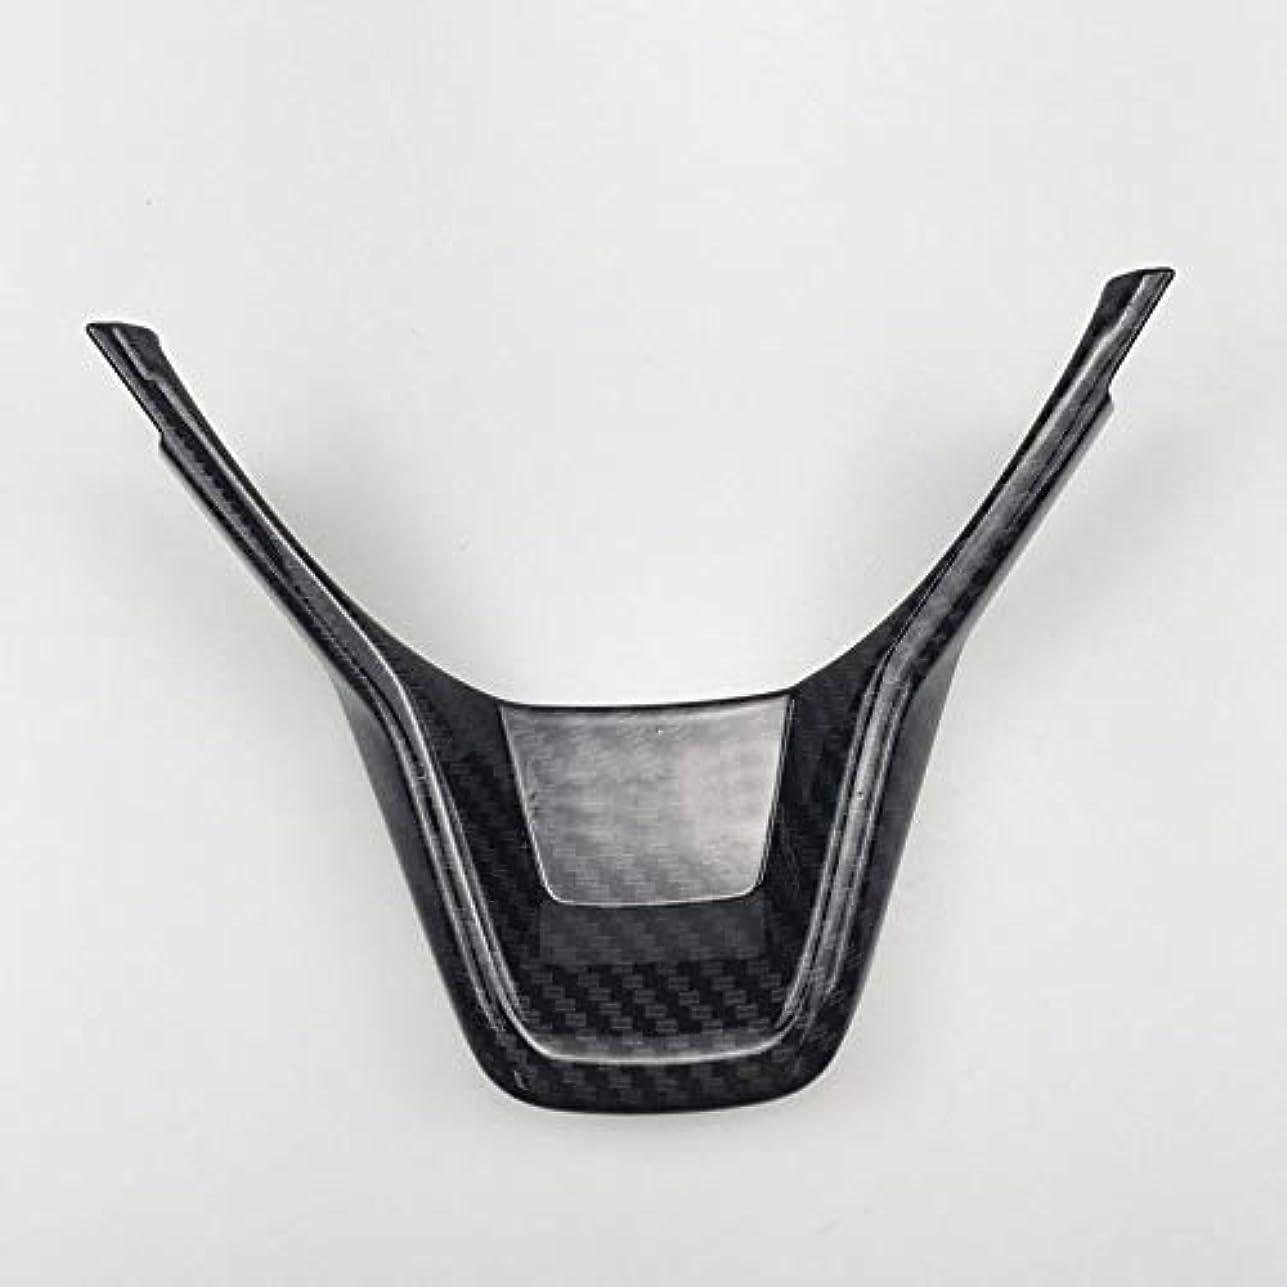 ボード体系的に純正Jicorzo - Carbon Fiber Style ABS Car Interior Steering Wheel Cover Trim for Honda Accord 2018 Car Interior Accessories Styling